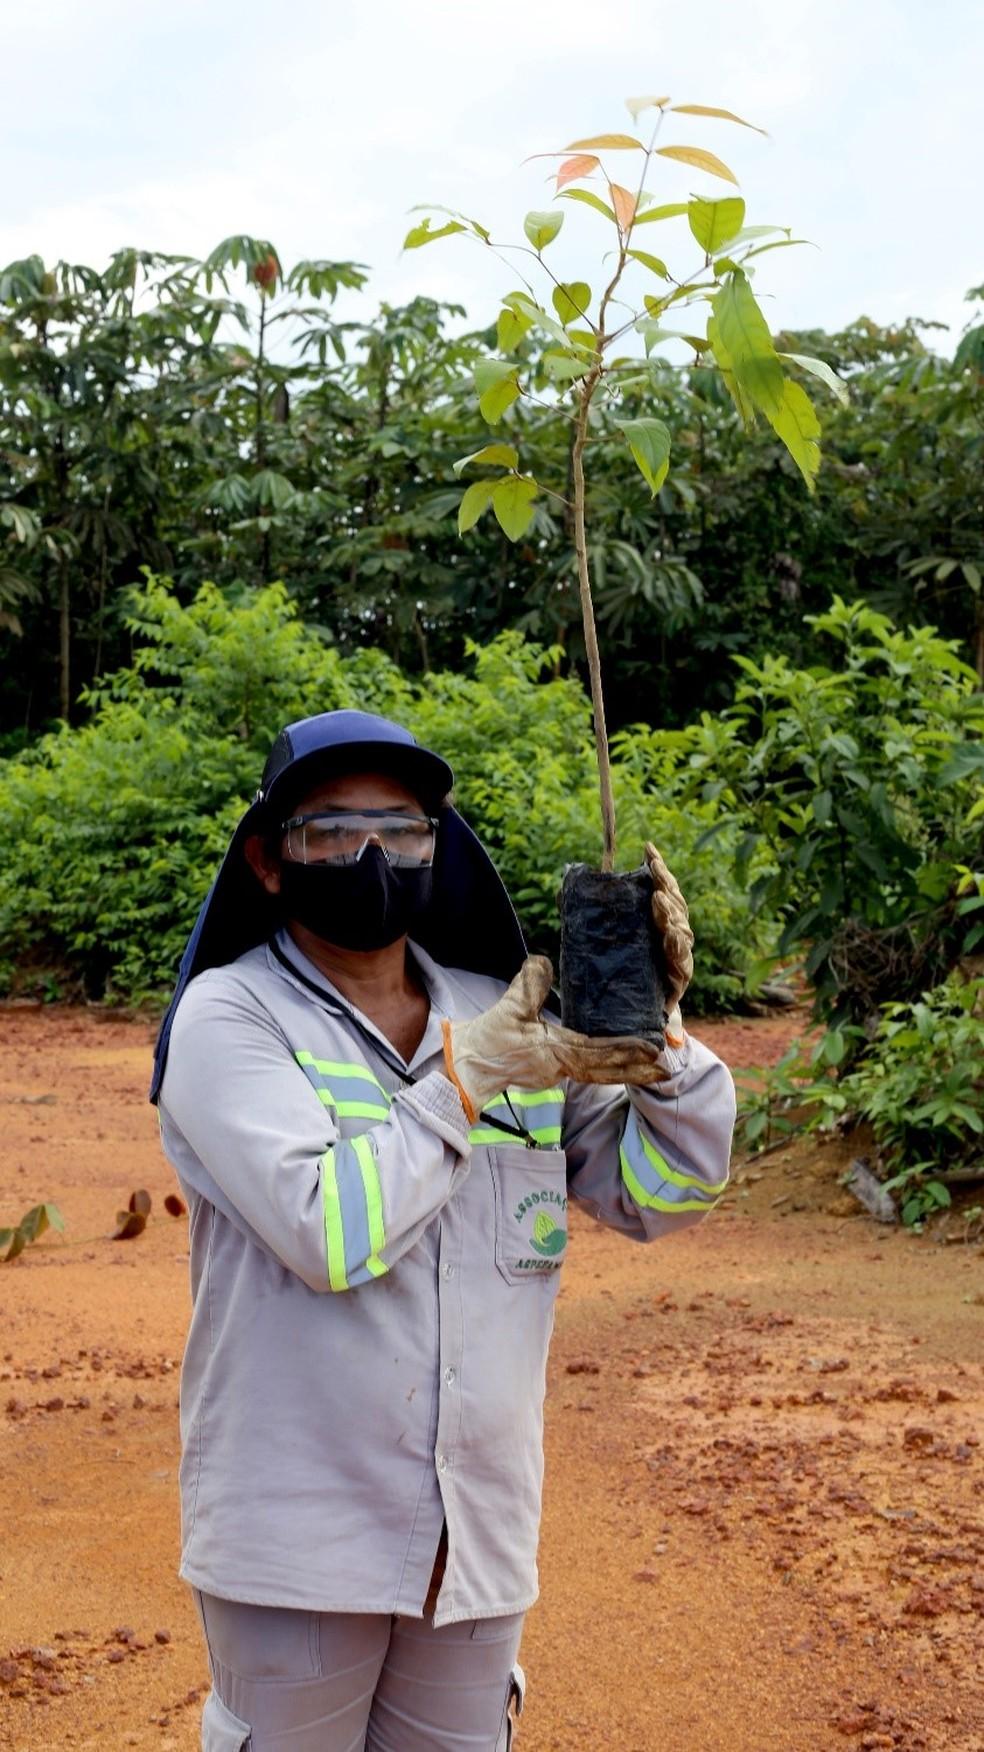 : Milhares de mudas de árvores passaram pelas mãos da auxiliar de campo Cleide Xavier.— Foto: Alcoa